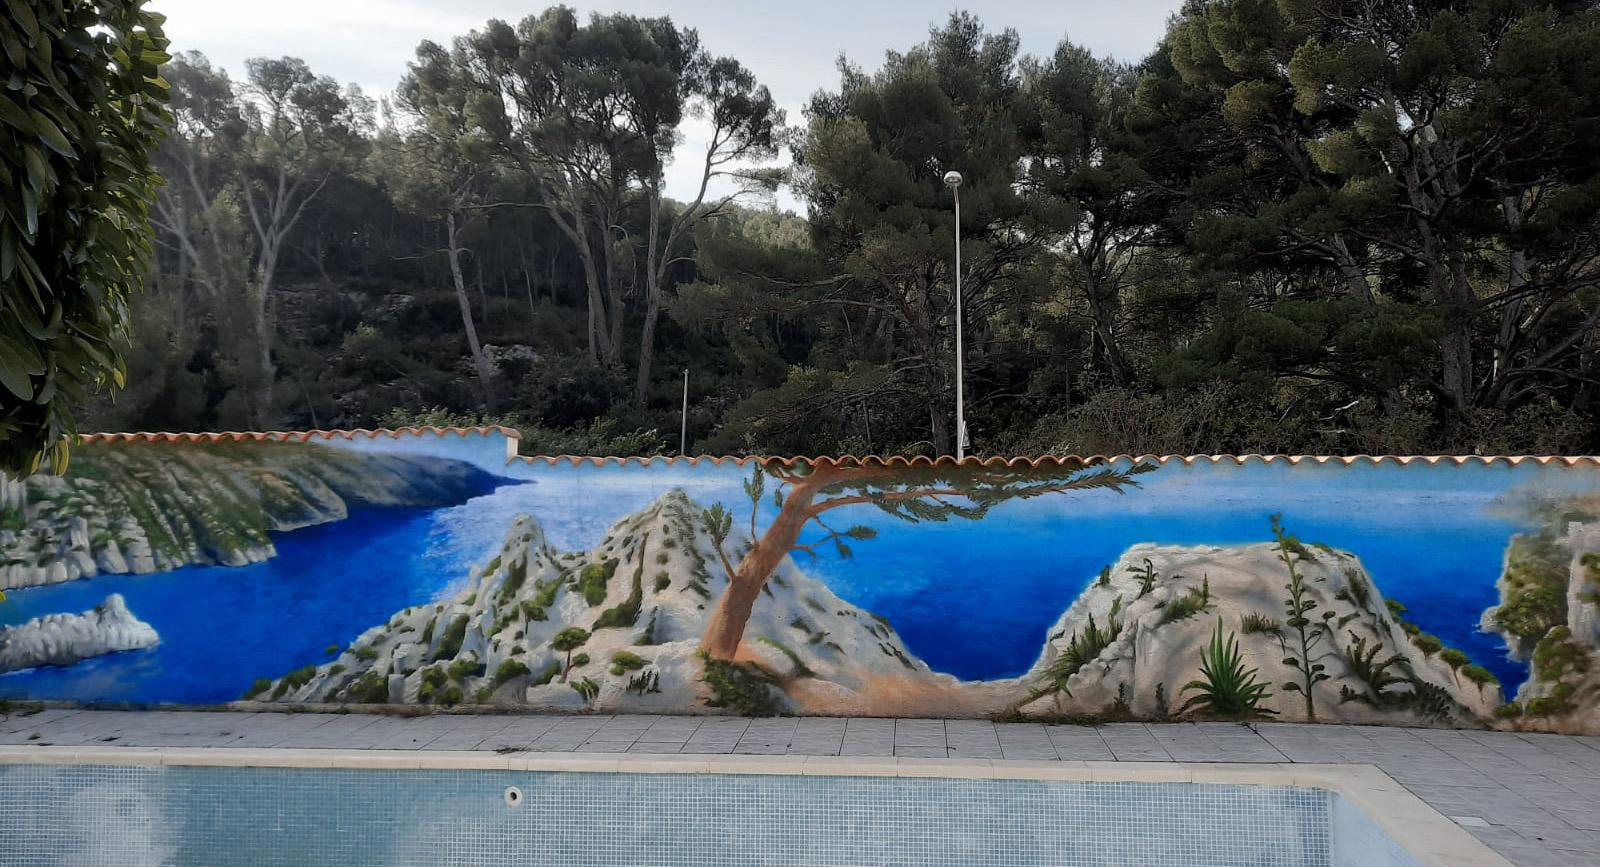 Calanque de Marseille : fresque murale peinture extérieur graffiti par Enkage